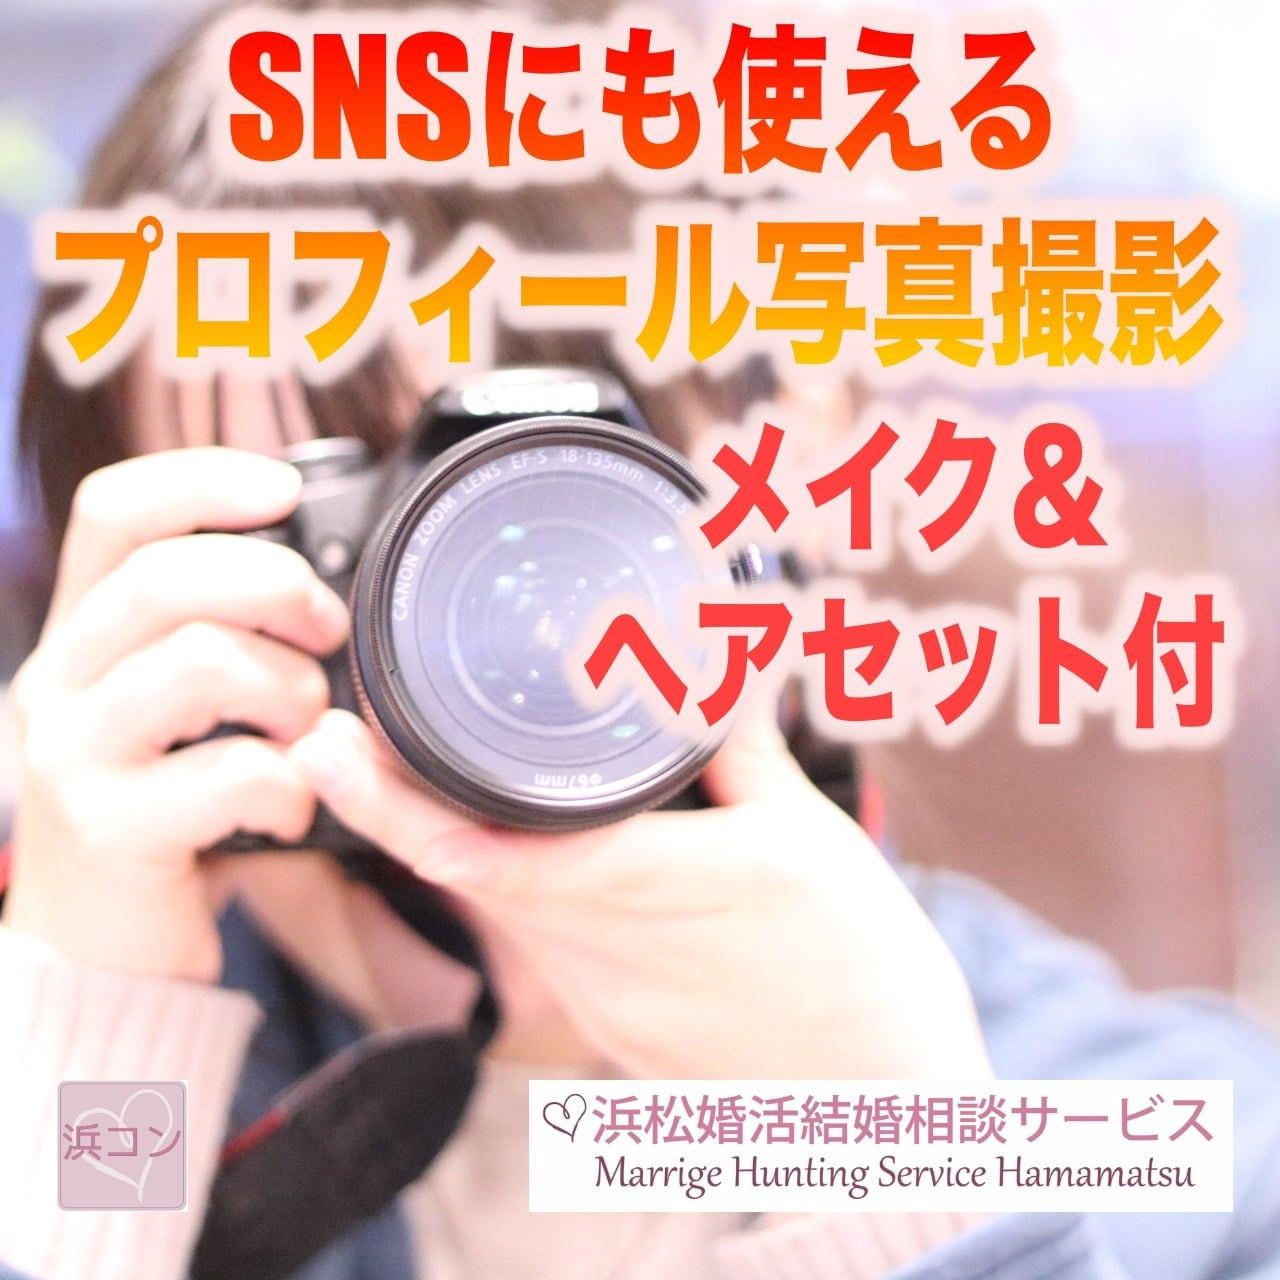 SNSにも使えるプロフィール写真撮影(基本コース+ヘアセット&フルメイク付き)のイメージその1